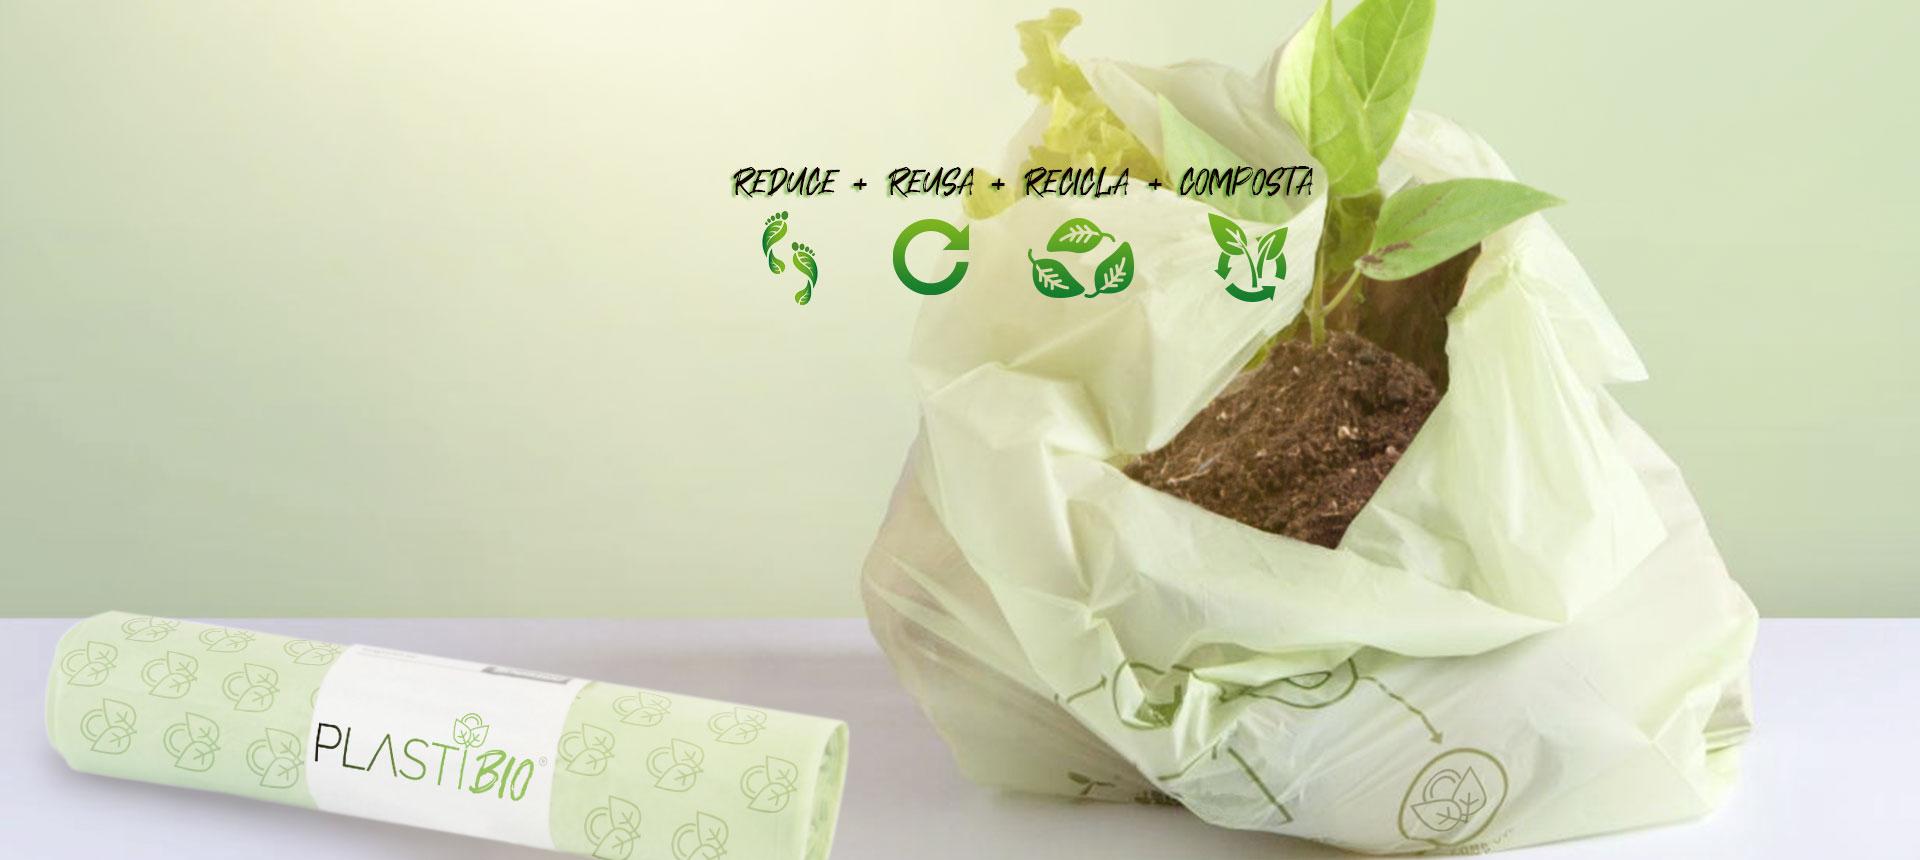 productos compostables Plastibio